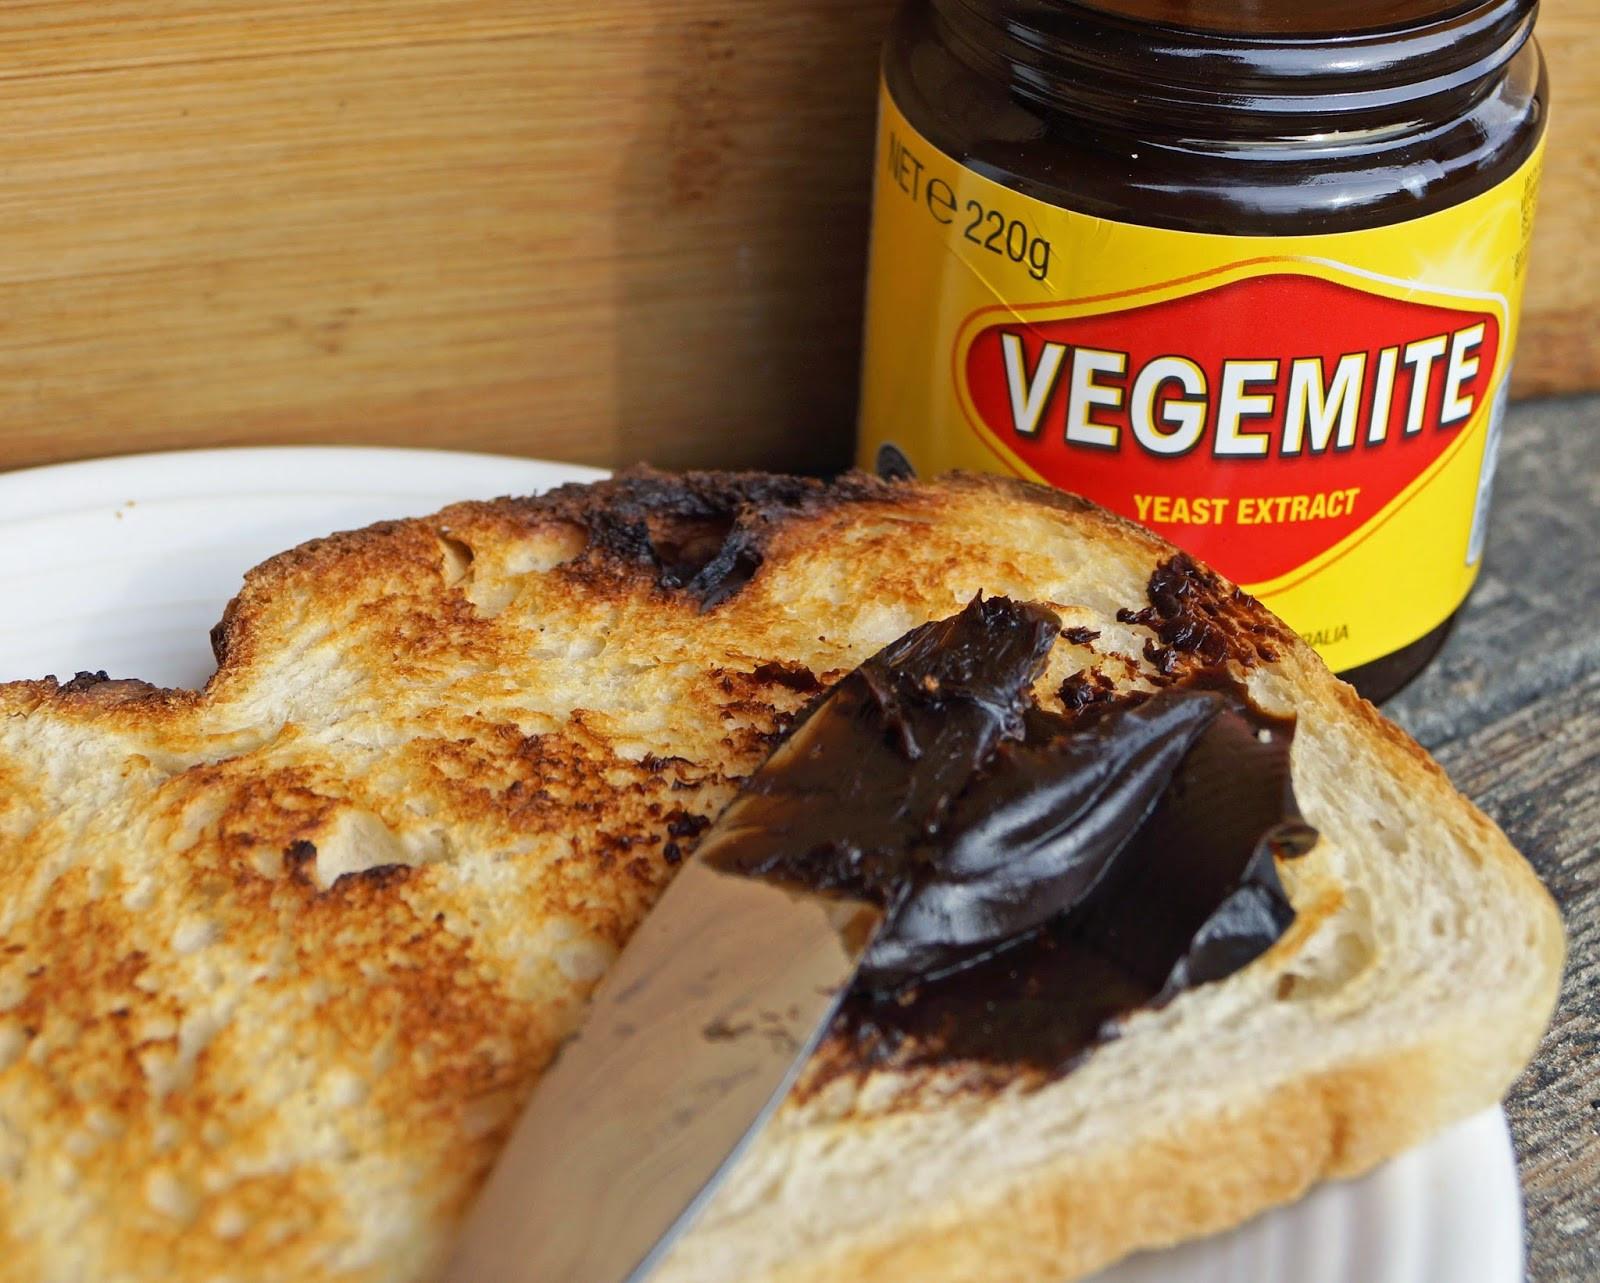 Xúc xích dân chủ, thịt kangaroo... một phong cách ẩm thực khác thường của Australia - 4